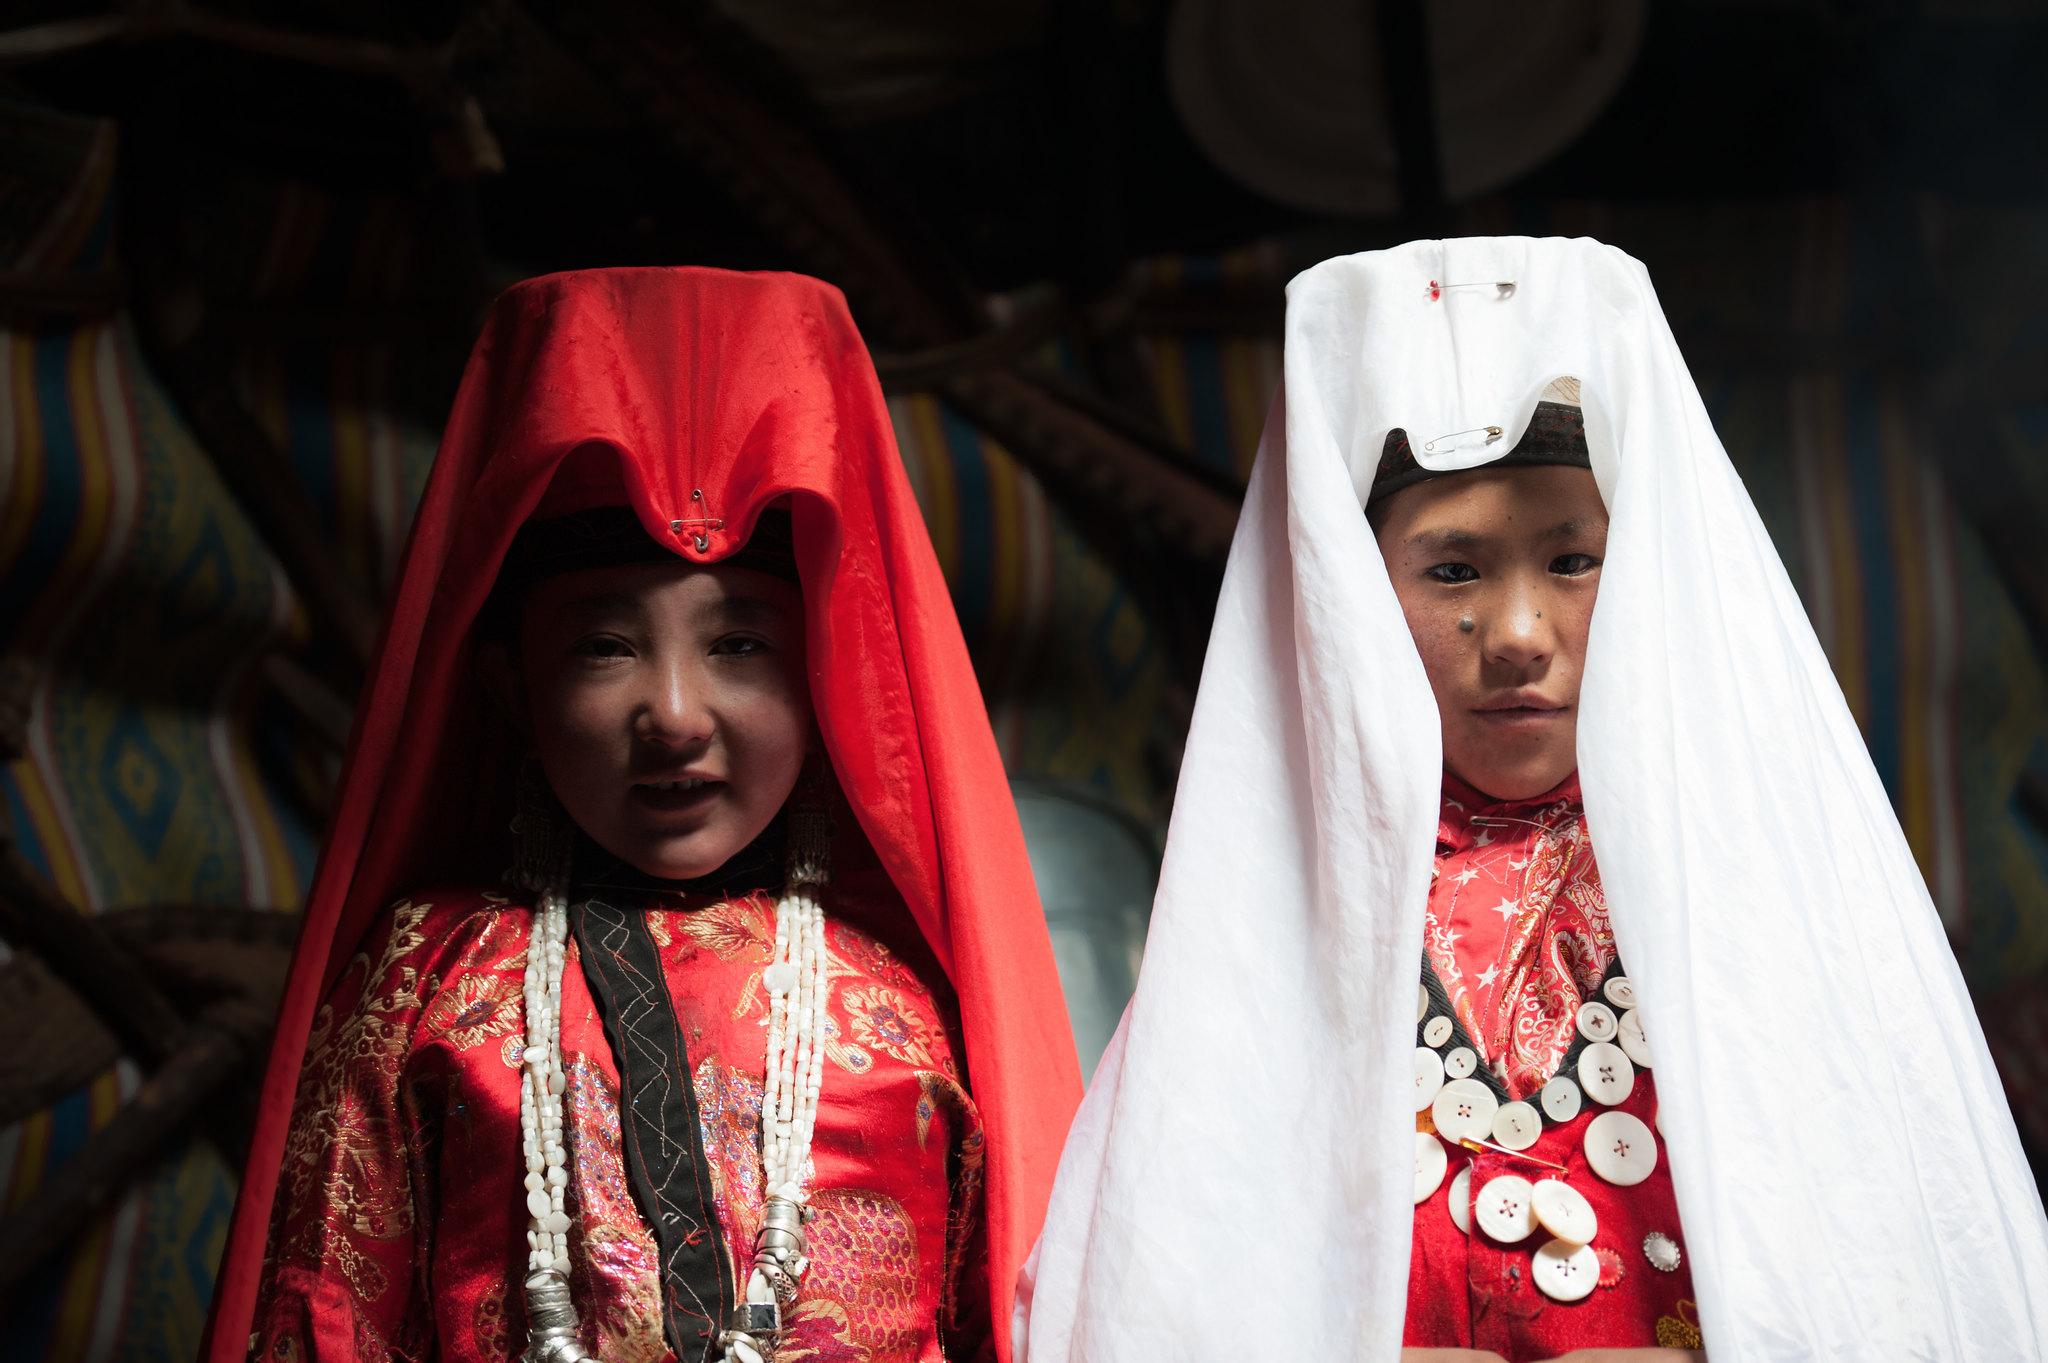 Фото: Сильвия Алесси. В белом — замужняя девочка, в красном — на выданье.